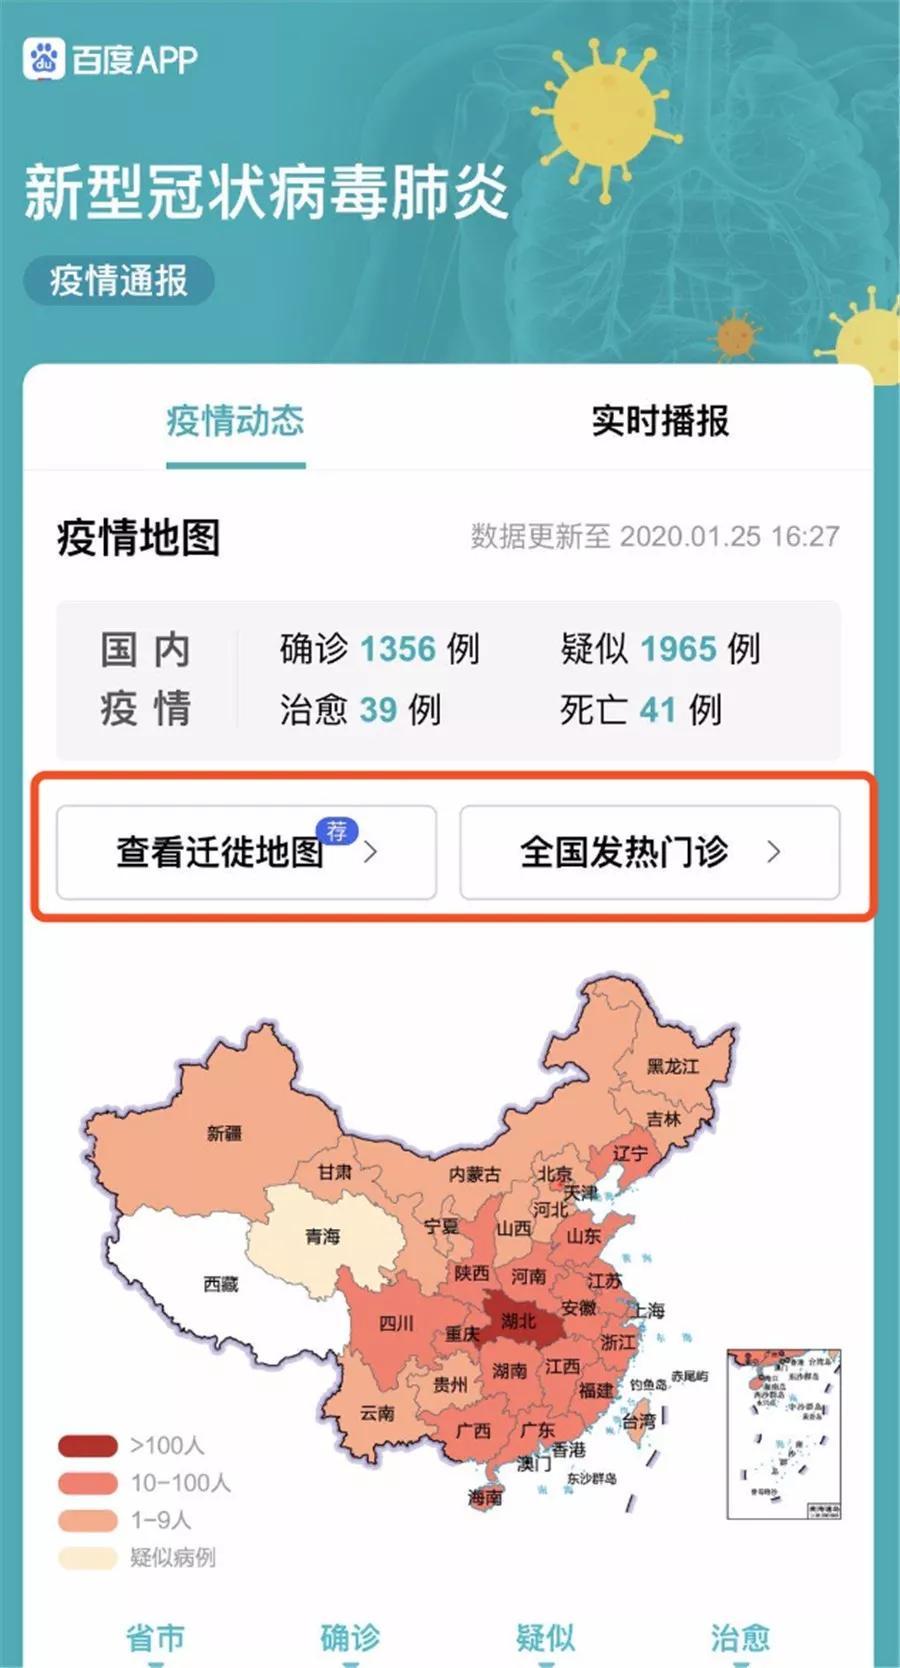 """百度App上线""""迁徙地图""""和""""发热门诊"""" 大数据对抗新型肺炎"""